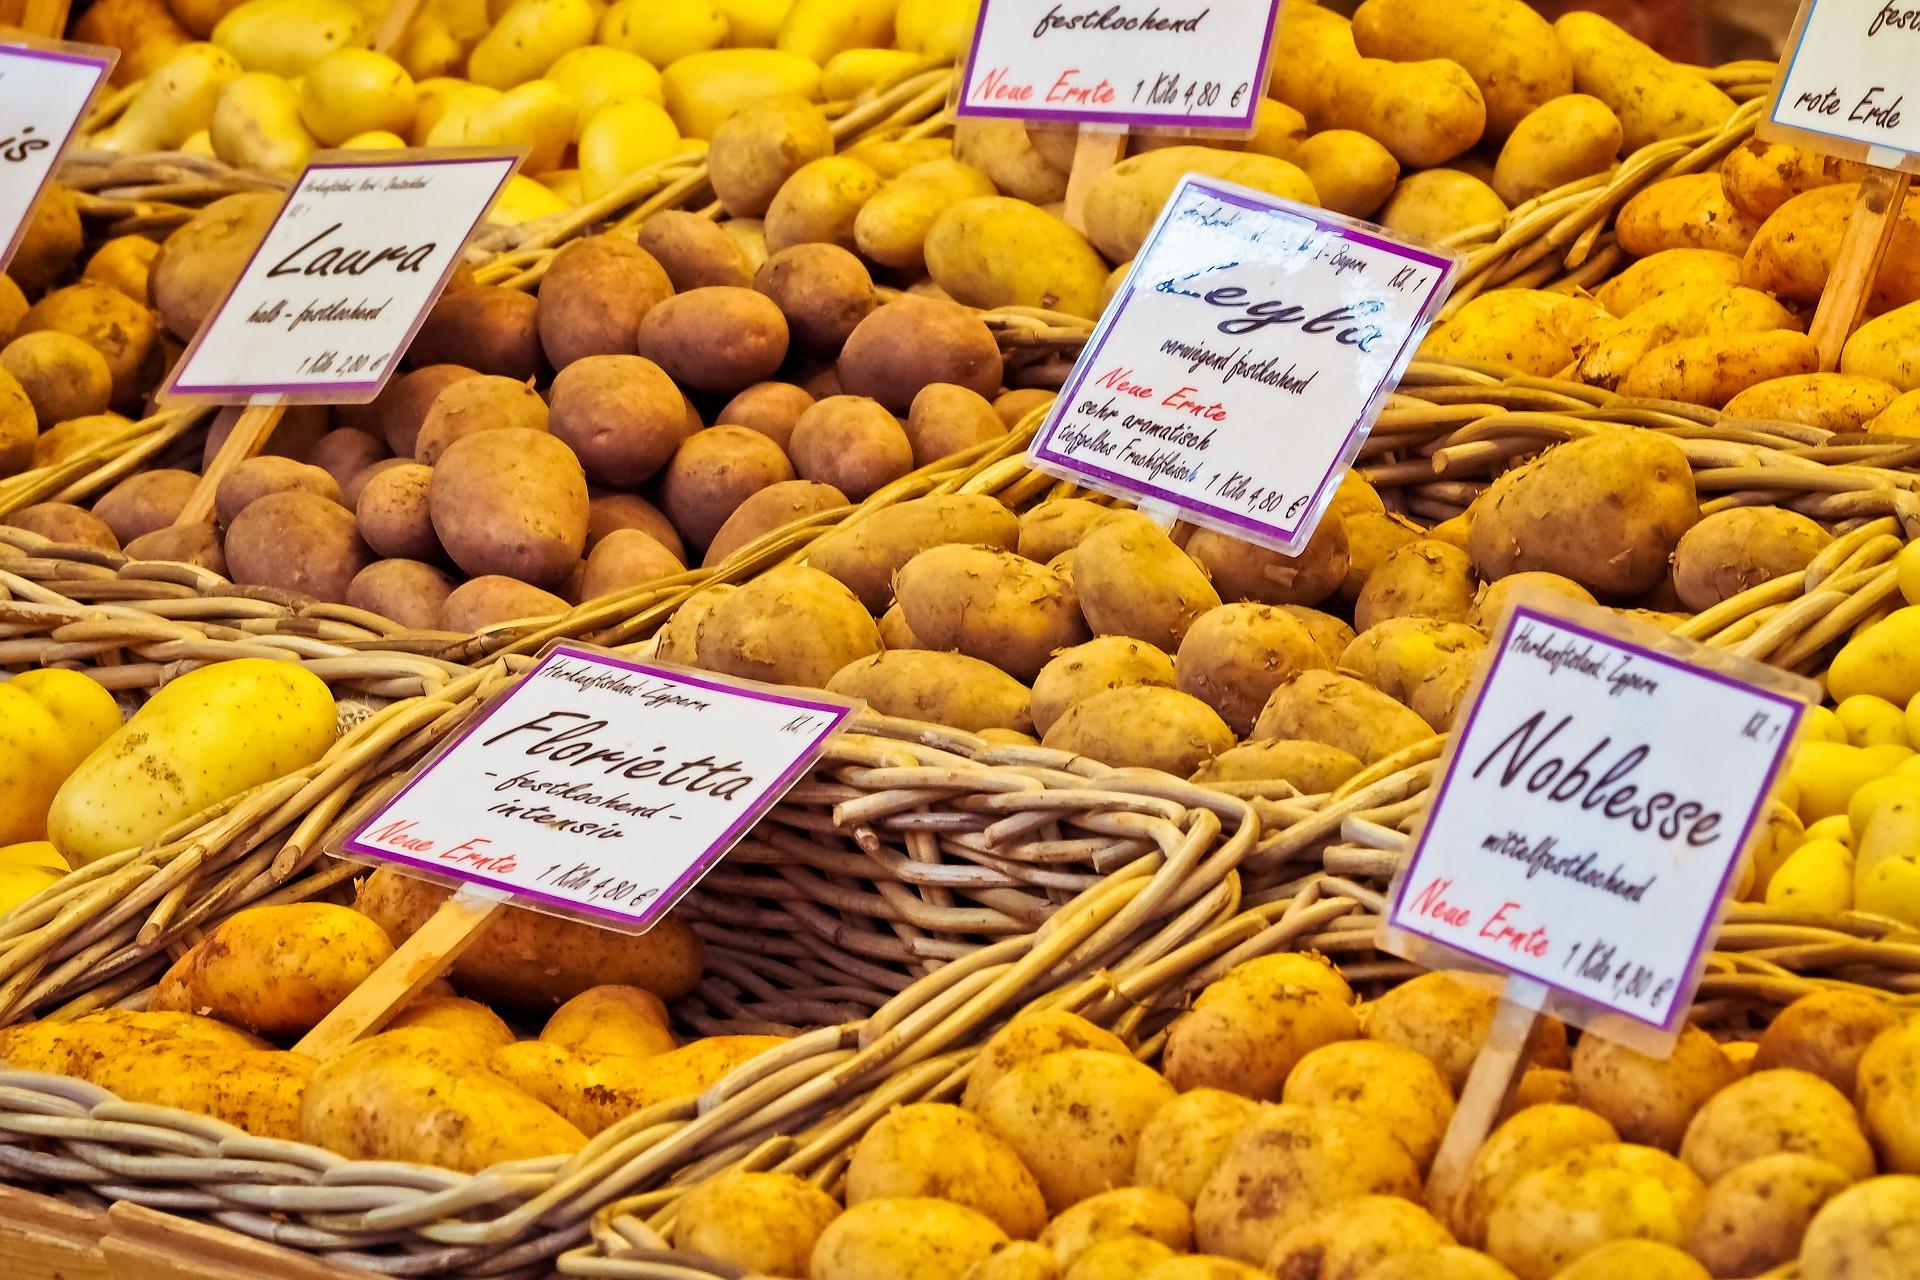 kaalulangus kogu toiduainete turg rasva kaalulangus